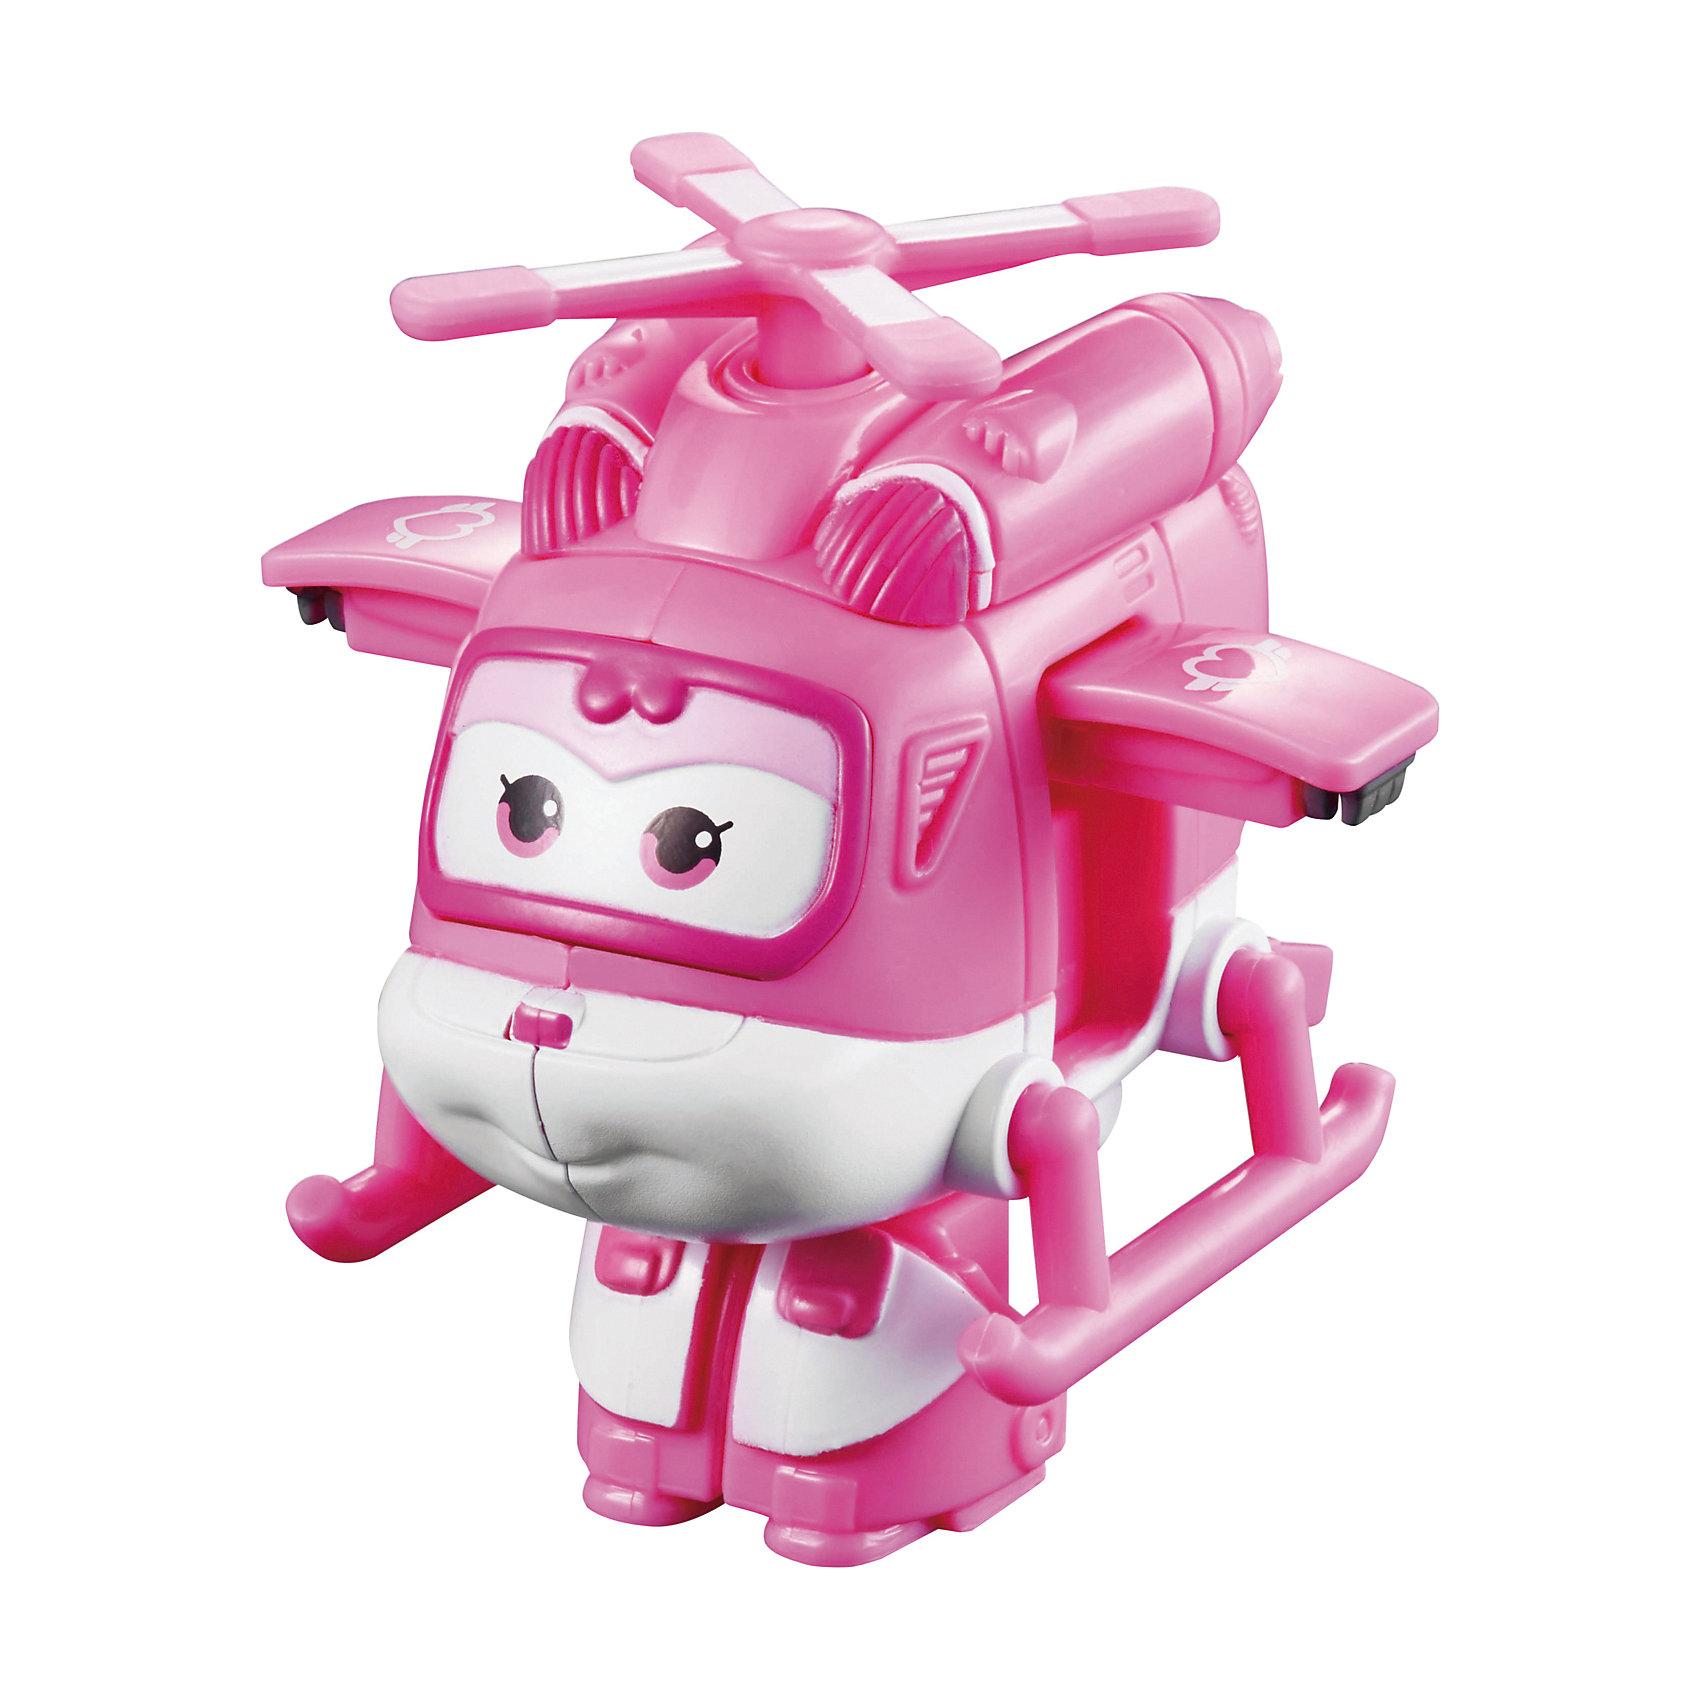 Мини-трансформер Диззи, Супер КрыльяФигурки героев<br>Какой ребенок не любит самолеты!? Сделать игру ярче и увлекательнее поможет герой популярного мультфильма Супер Крылья, любимого детьми. Игрушка всего за несколько мгновений трансформируется из самолета в робота. К нему можно также фигурки-трансформеры заказать друзей из этого мультфильма! Компактный размер позволит ребенку брать игрушку с собой в гости или на прогулку.                <br>Этот трансформер обязательно порадует ребенка! Игры с ним также помогают детям развивать воображение, логику, мелкую моторику и творческое мышление. Самолет сделан из качественных и безопасных для ребенка материалов.<br><br>Дополнительная информация:<br><br>цвет: разноцветный;<br>размер упаковки: 12 х 15 х 6 см;<br>вес: 300 г;<br>материал: пластик.<br><br>Игрушку Мини-трансформер Диззи можно купить в нашем магазине.<br><br>Ширина мм: 120<br>Глубина мм: 155<br>Высота мм: 62<br>Вес г: 300<br>Возраст от месяцев: 36<br>Возраст до месяцев: 2147483647<br>Пол: Мужской<br>Возраст: Детский<br>SKU: 4918772